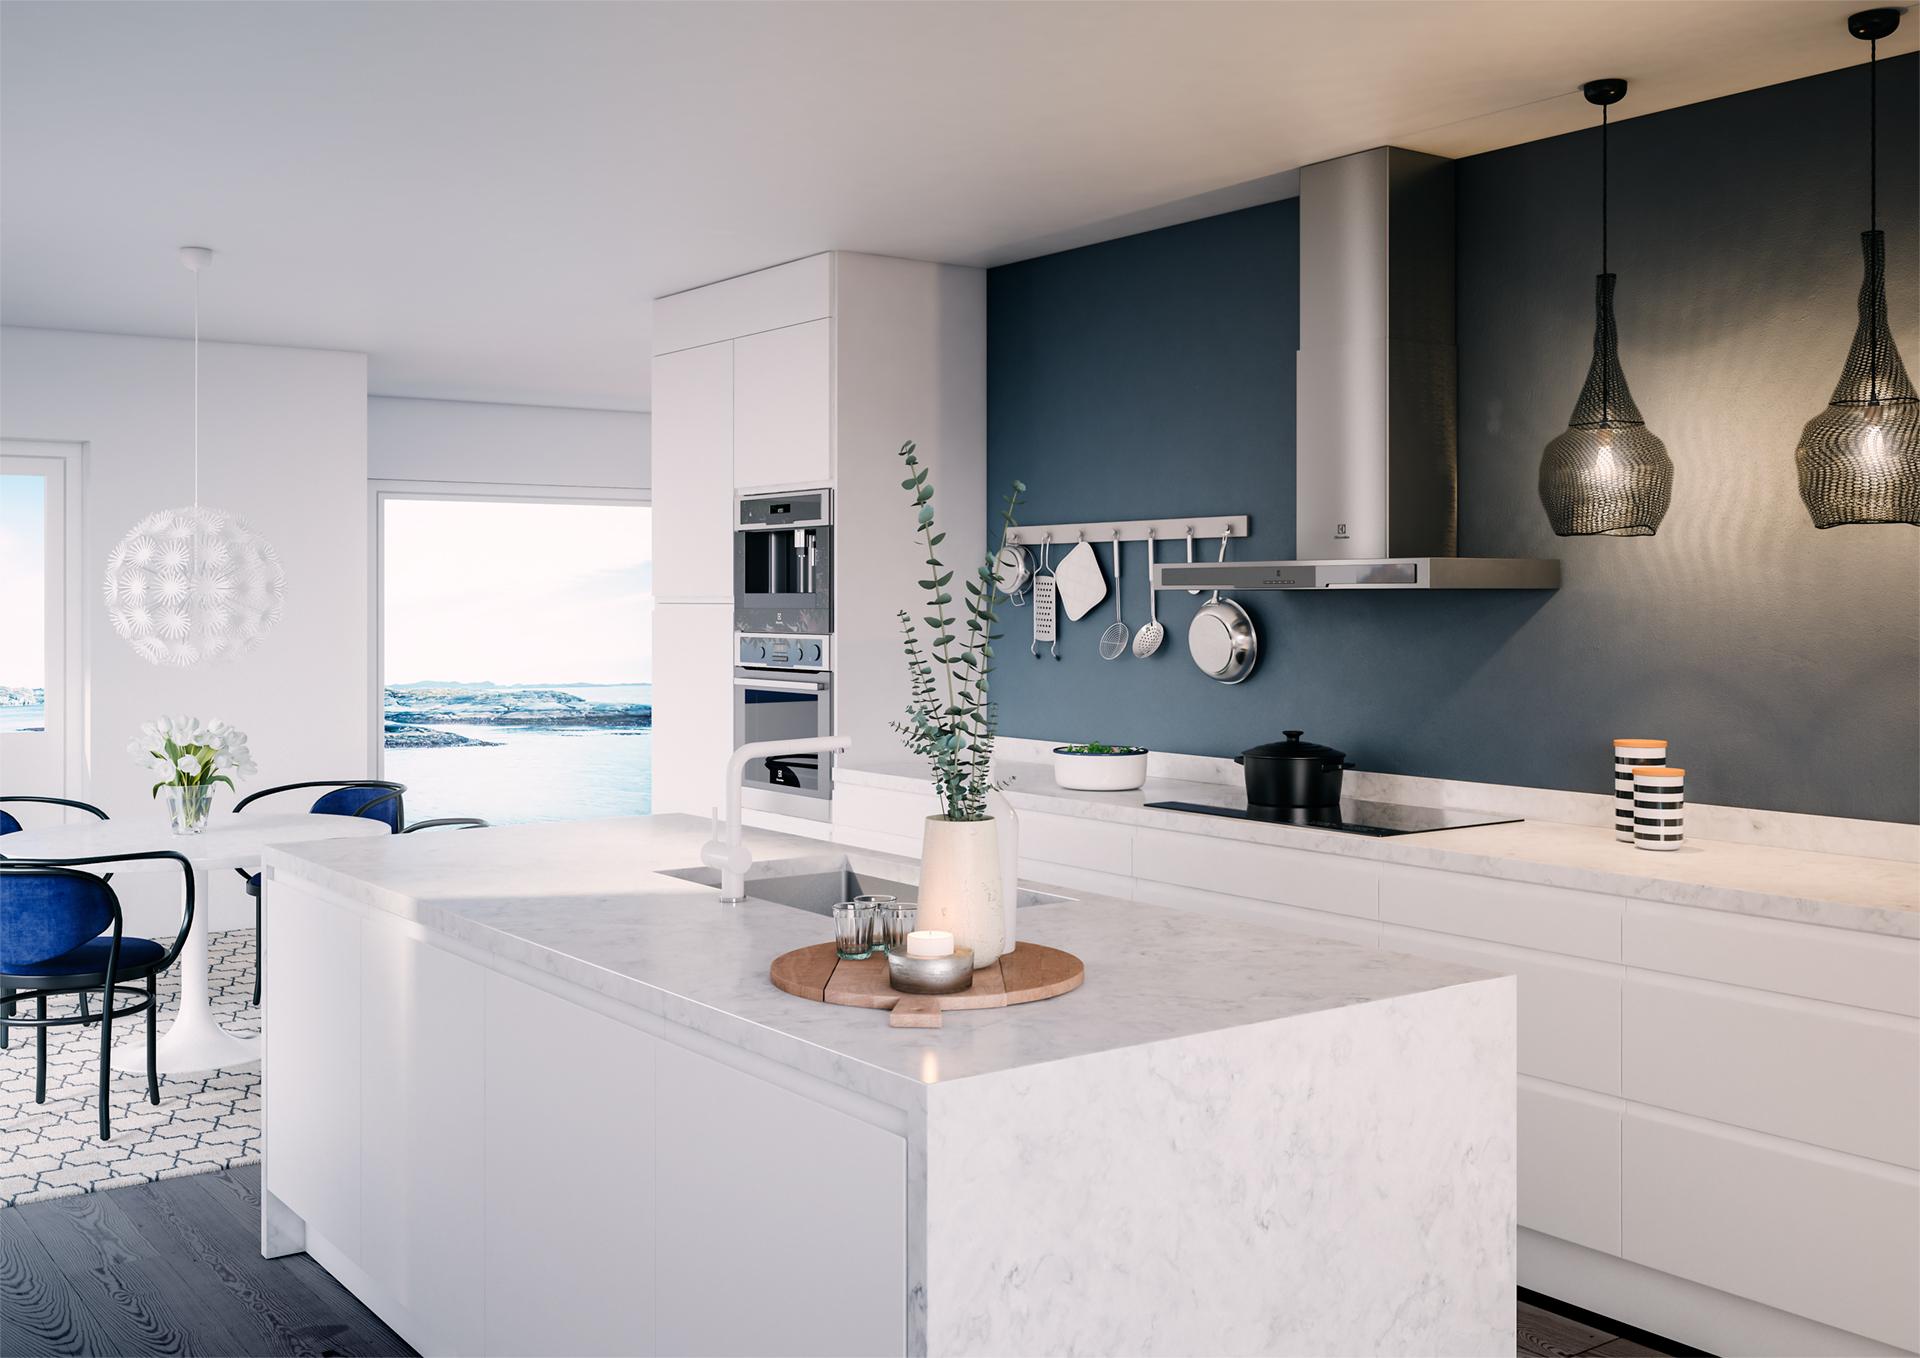 Kitchen cabinets - by Elkjøp/EPOQ